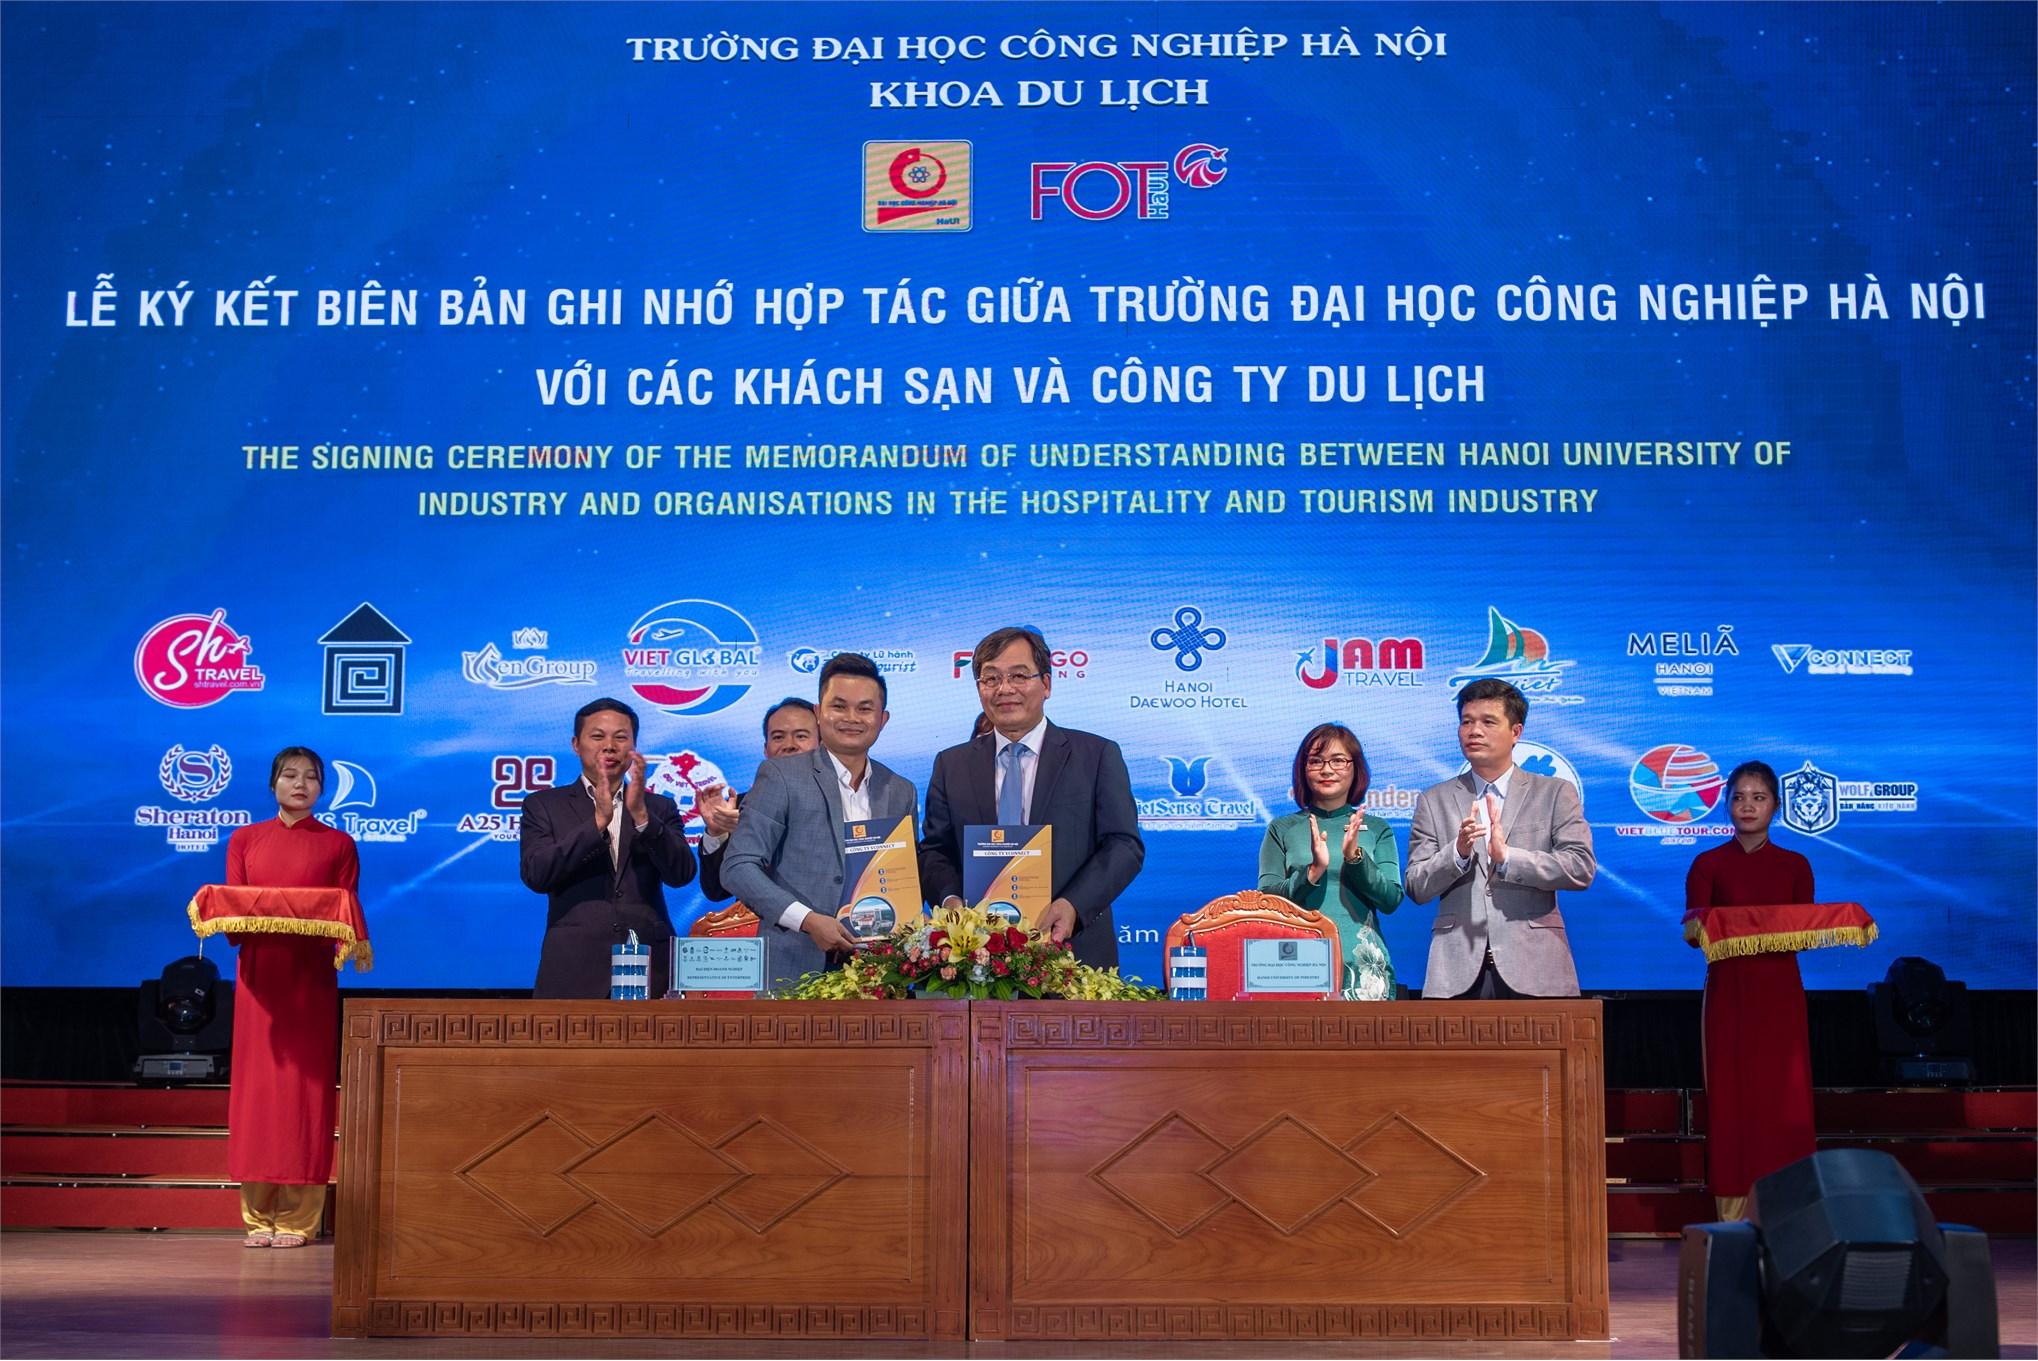 Lễ ký kết biên bản ghi nhớ hợp tác giữa trường Đại học Công nghiệp Hà Nội và các công ty du lịch